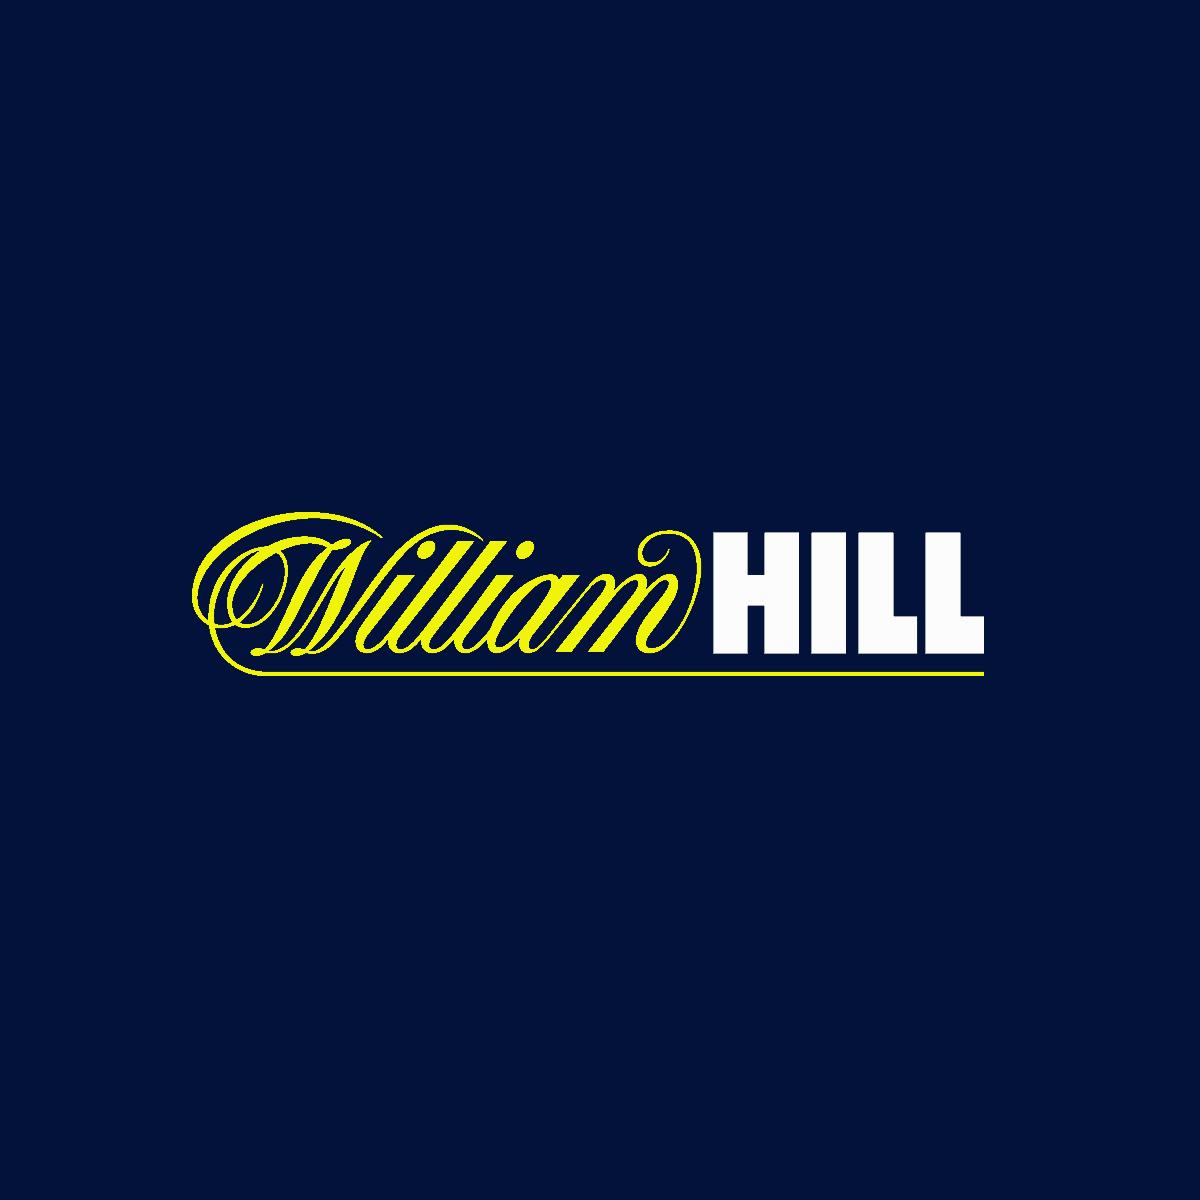 7. William Hill